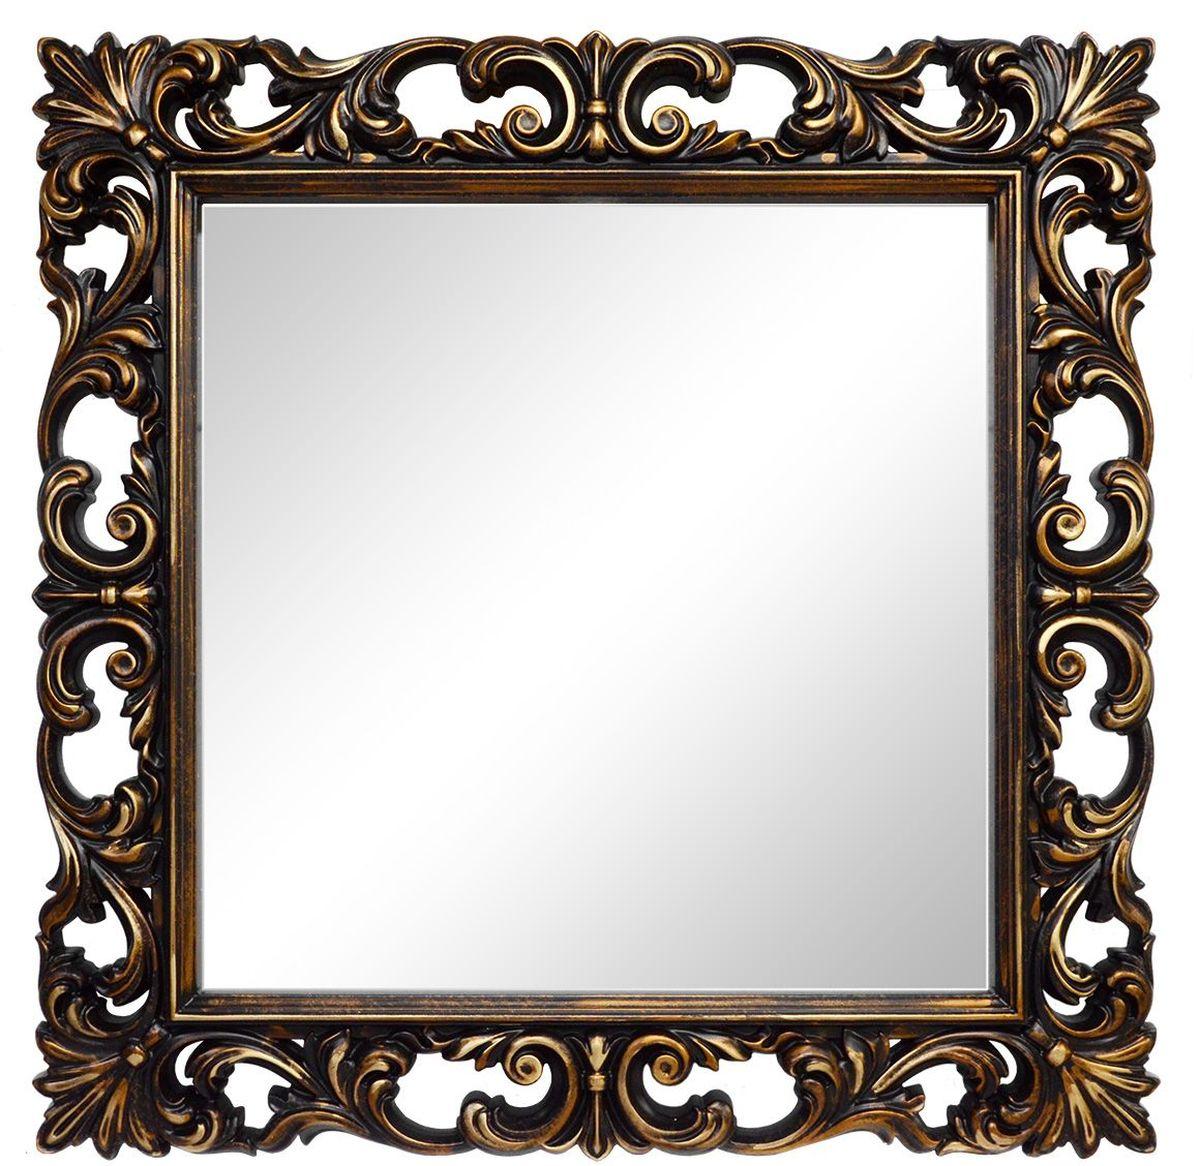 Зеркало VezzoLLi Нованто, цвет: коричневый, 90 х 90 см54 009312Подвесы в комплекте. Видимый размер зеркала 63х63 см. Ширина обрамления 13,5 см.